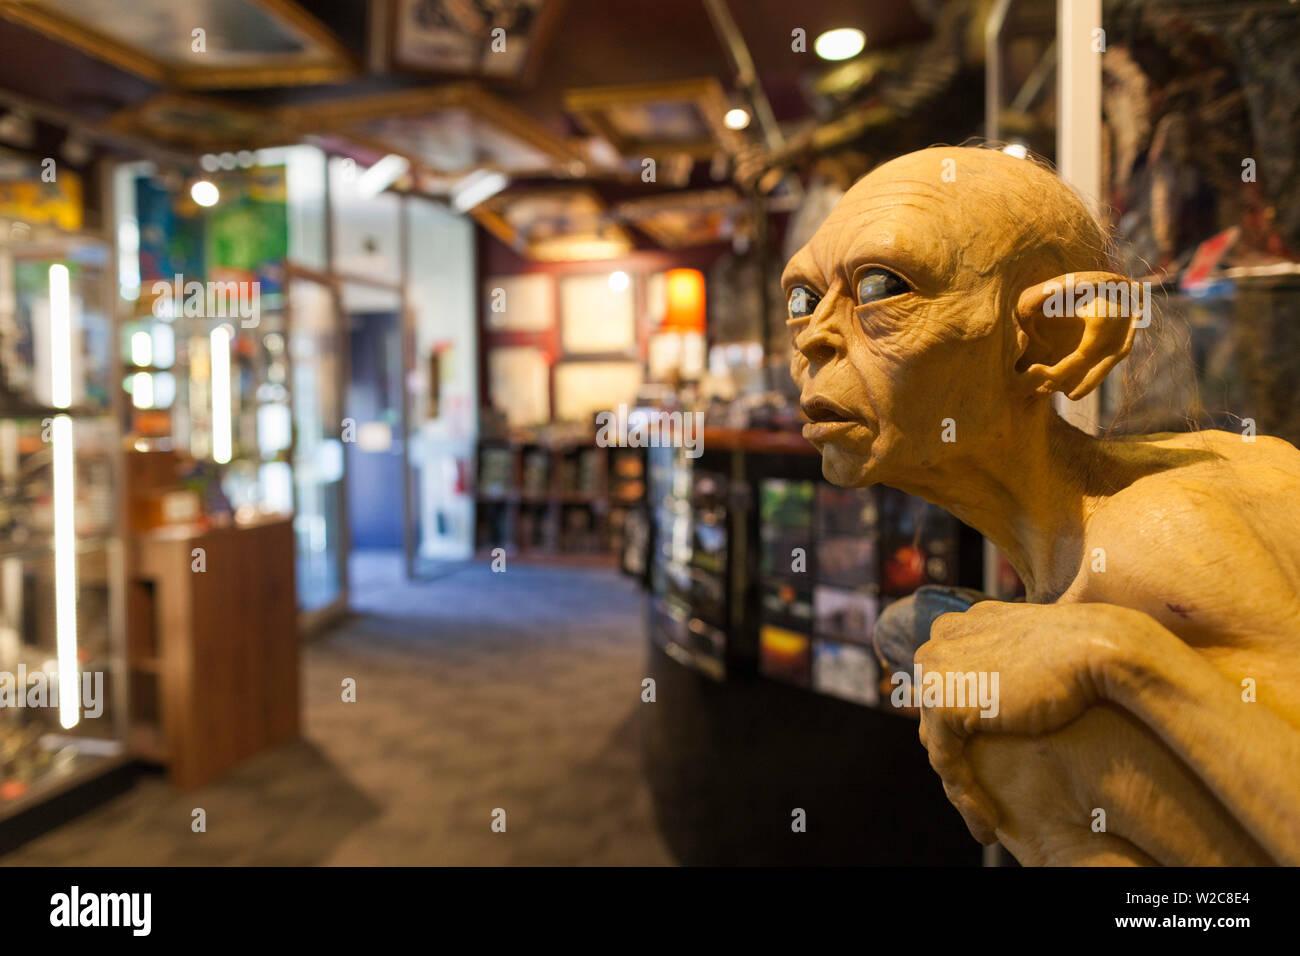 Gollum Le Seigneur Des Anneaux Licence Funko POP 532 Hobbit Andy Serkis BRAND NEW